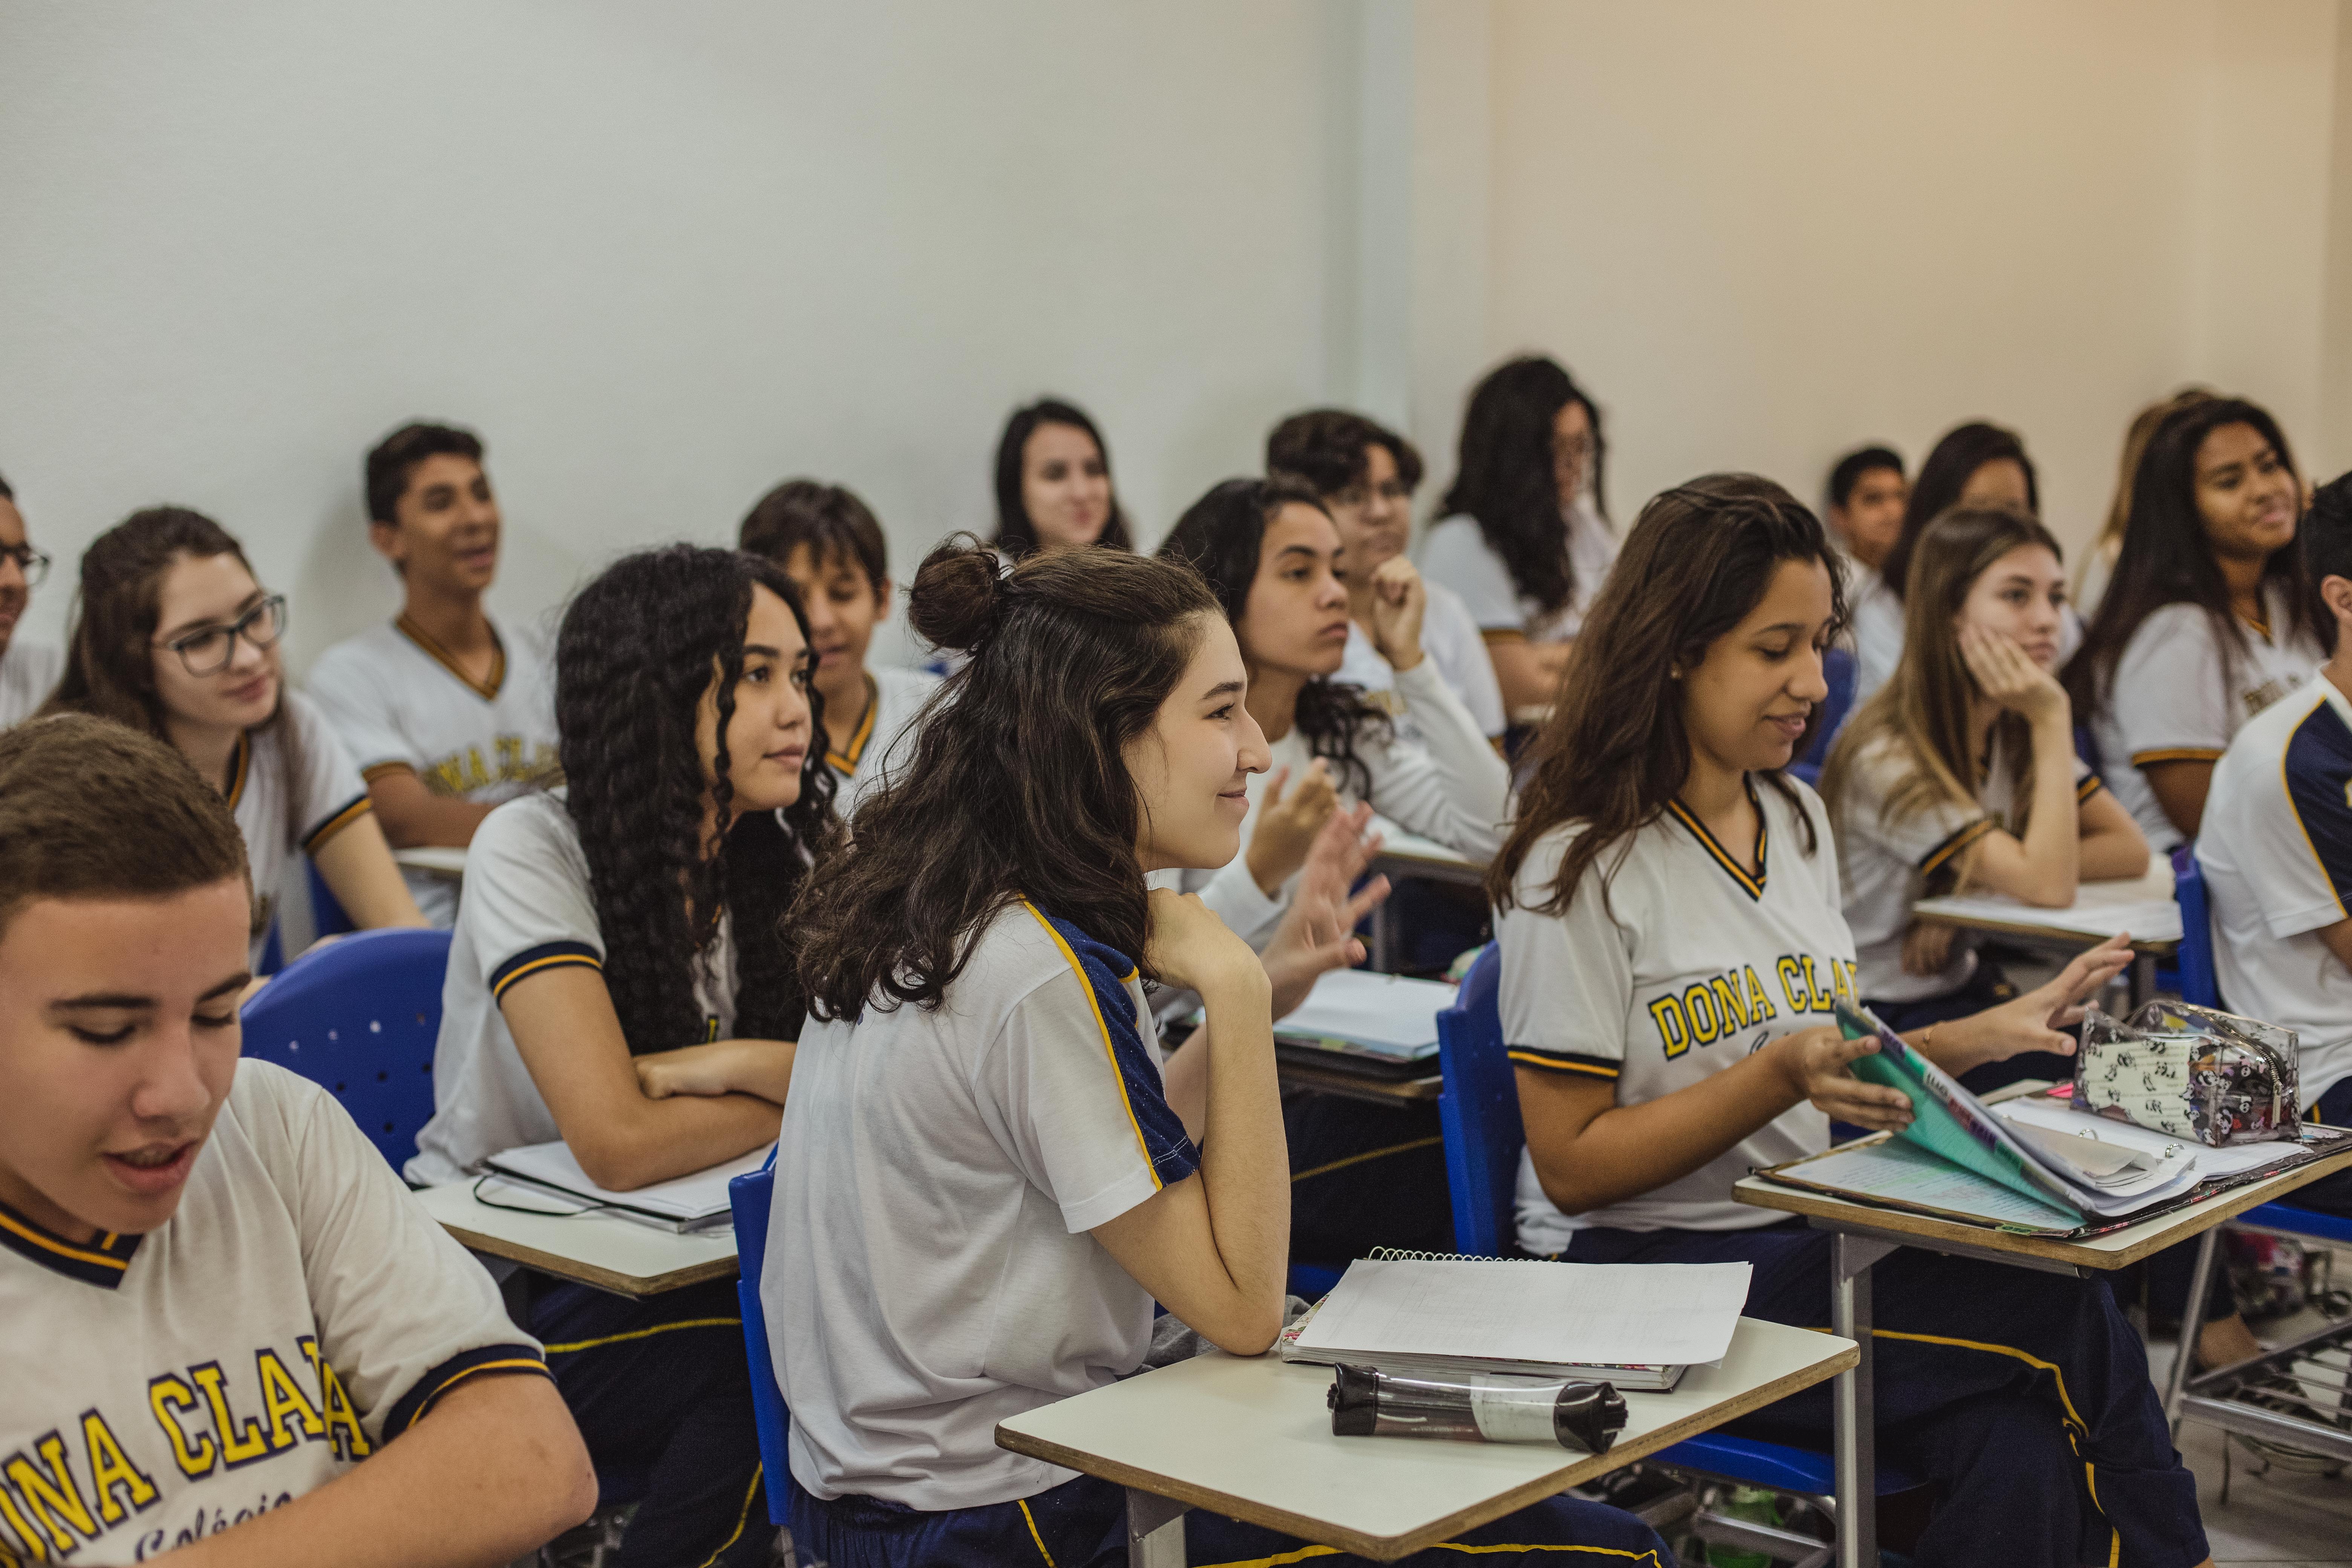 Alunos em sala de aula prestando atenção no conteúdo ministrado podem melhorar a redação